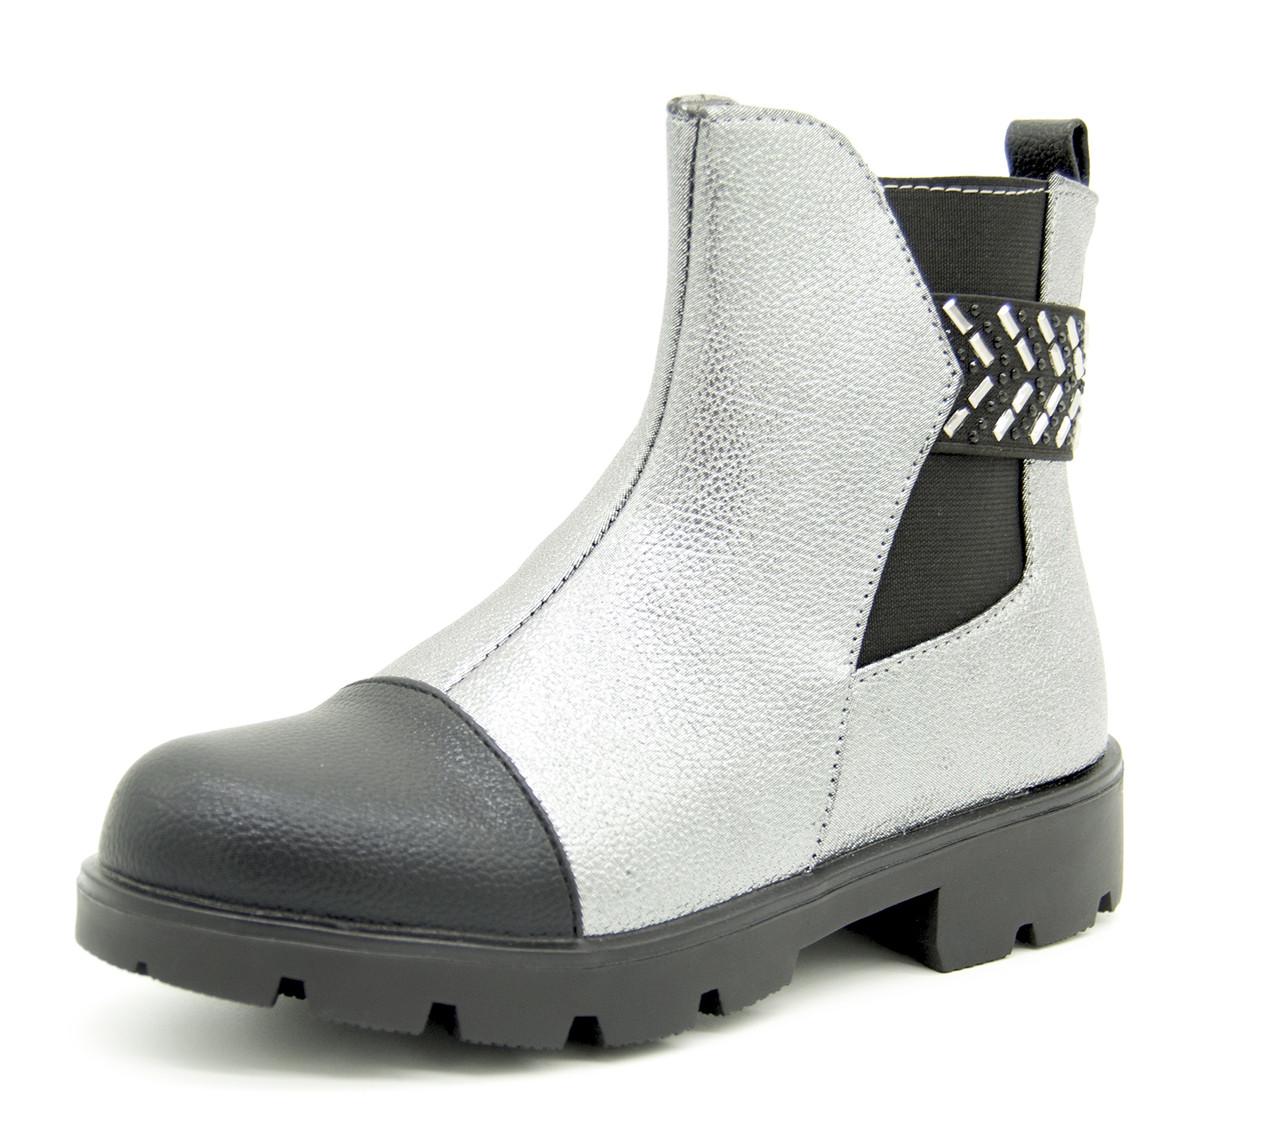 Демисезонные ботинки для девочки Серебристые Размеры: 32,33,34,35,36,37